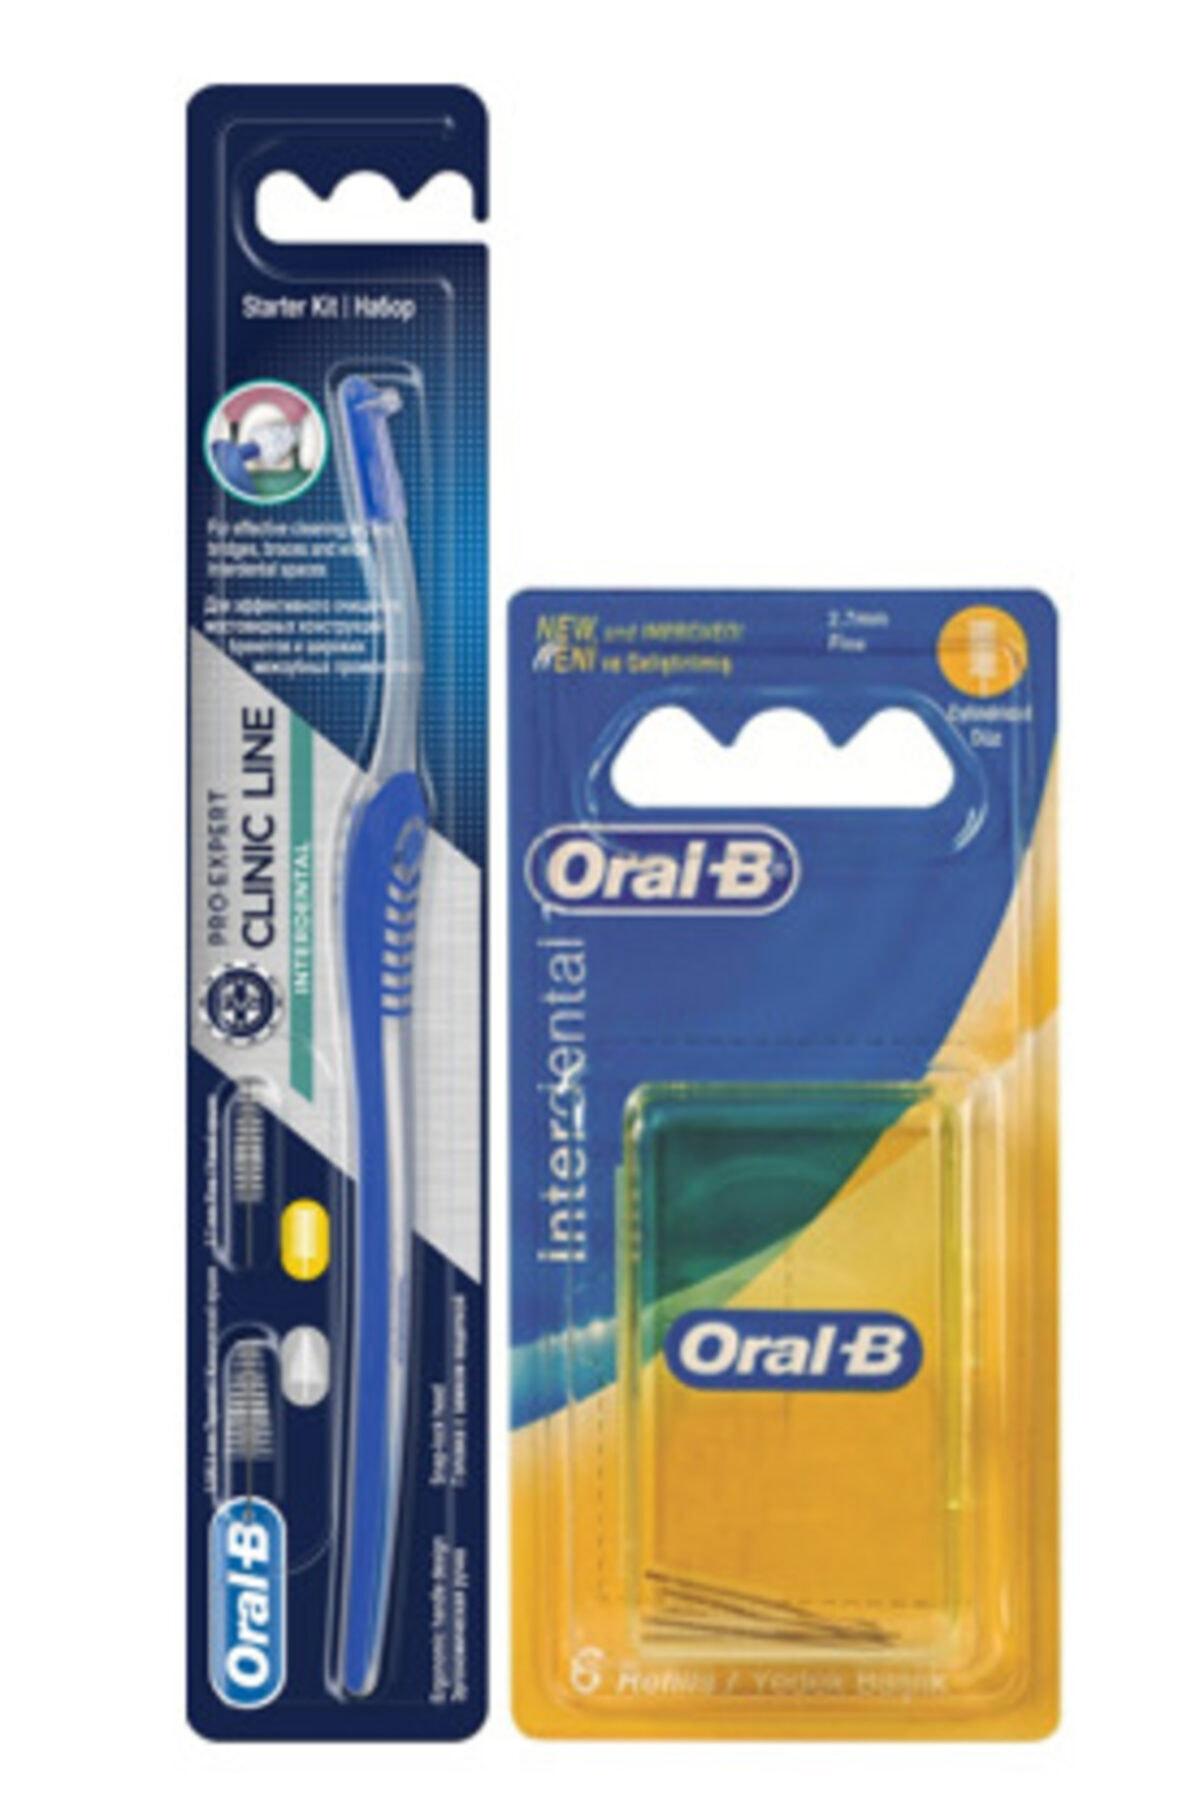 Oral-B Oral B Interdental Arayüz Fırçası + Arayüz Yedek 2.7mm 6'lı Paket 1